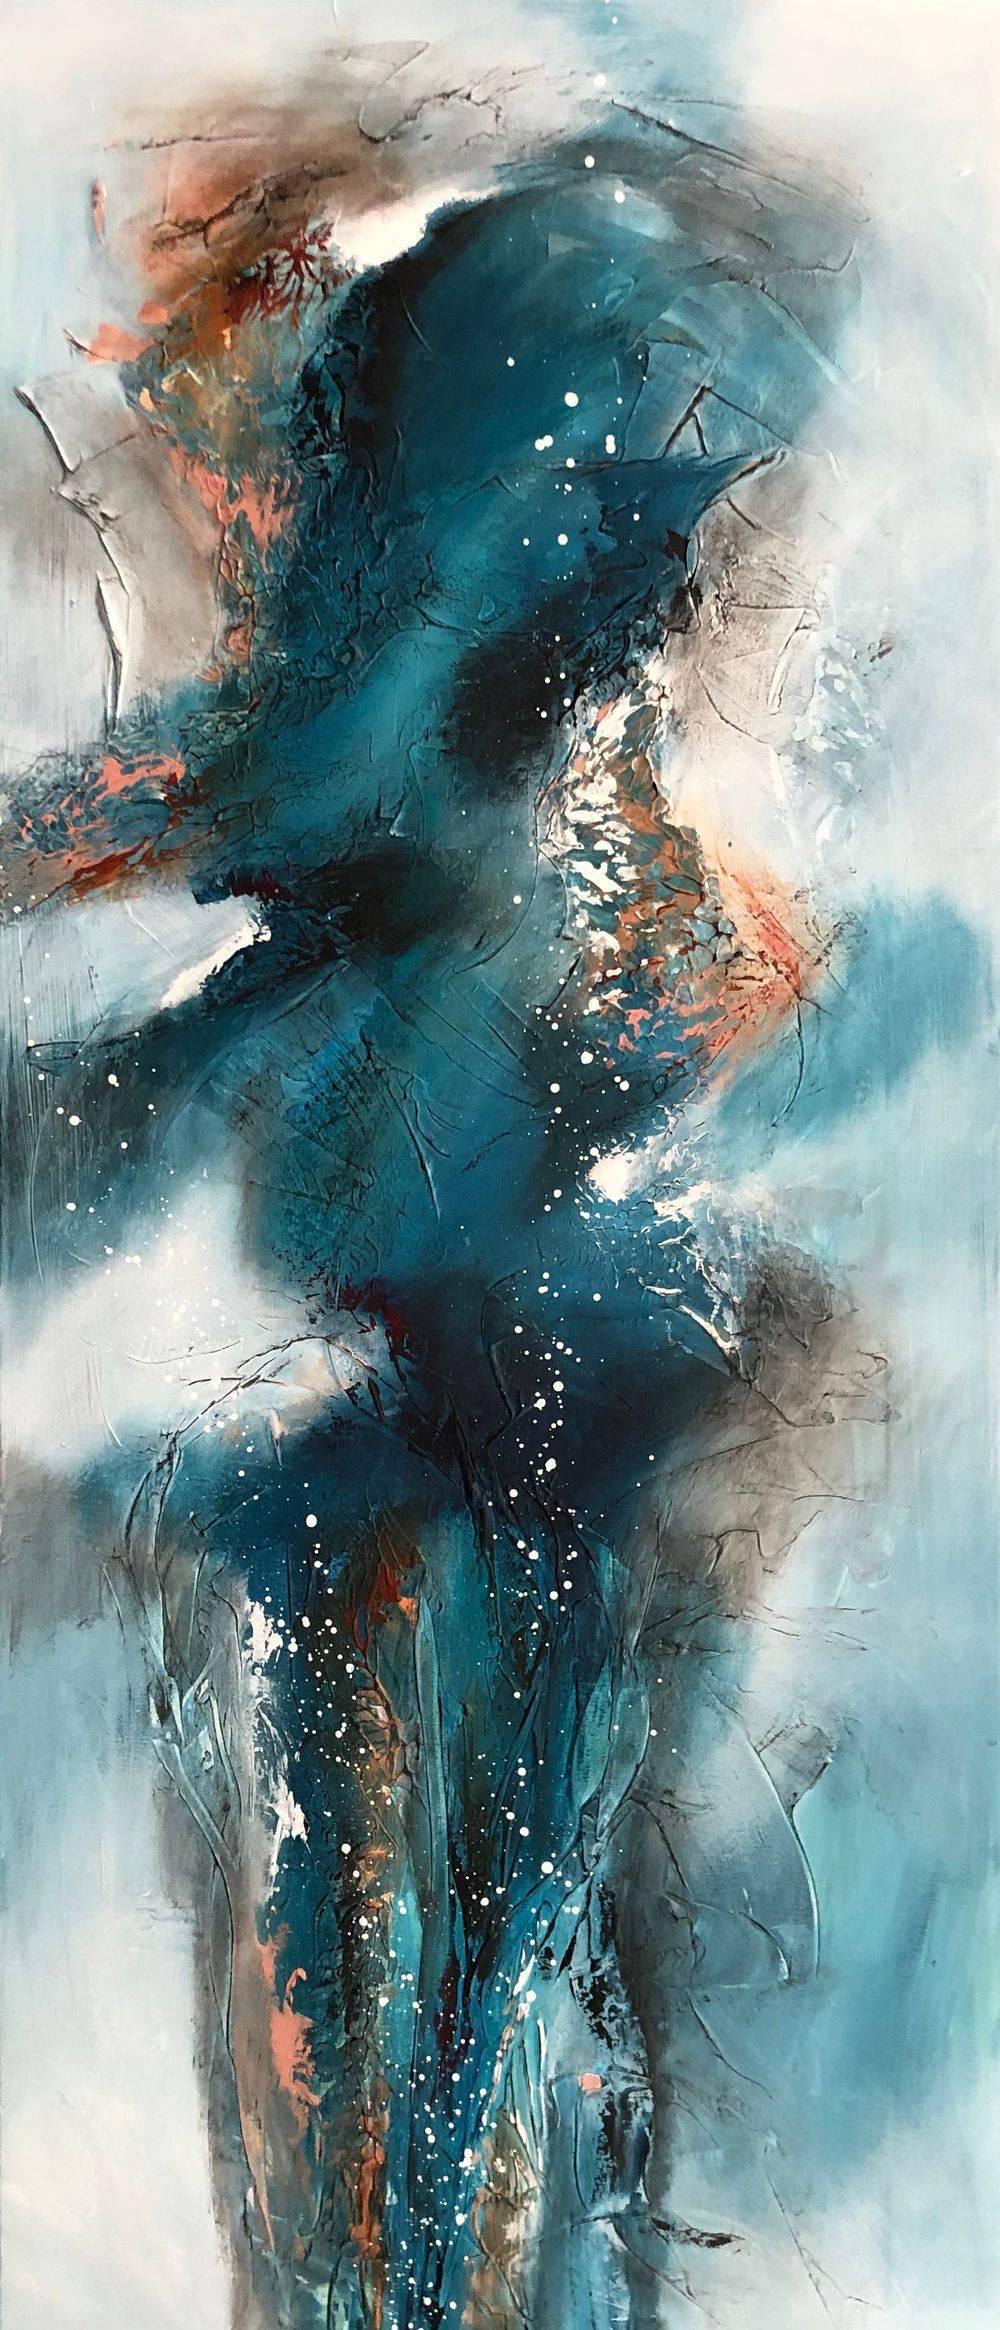 blåt-abstrakt-farverigt-maleri